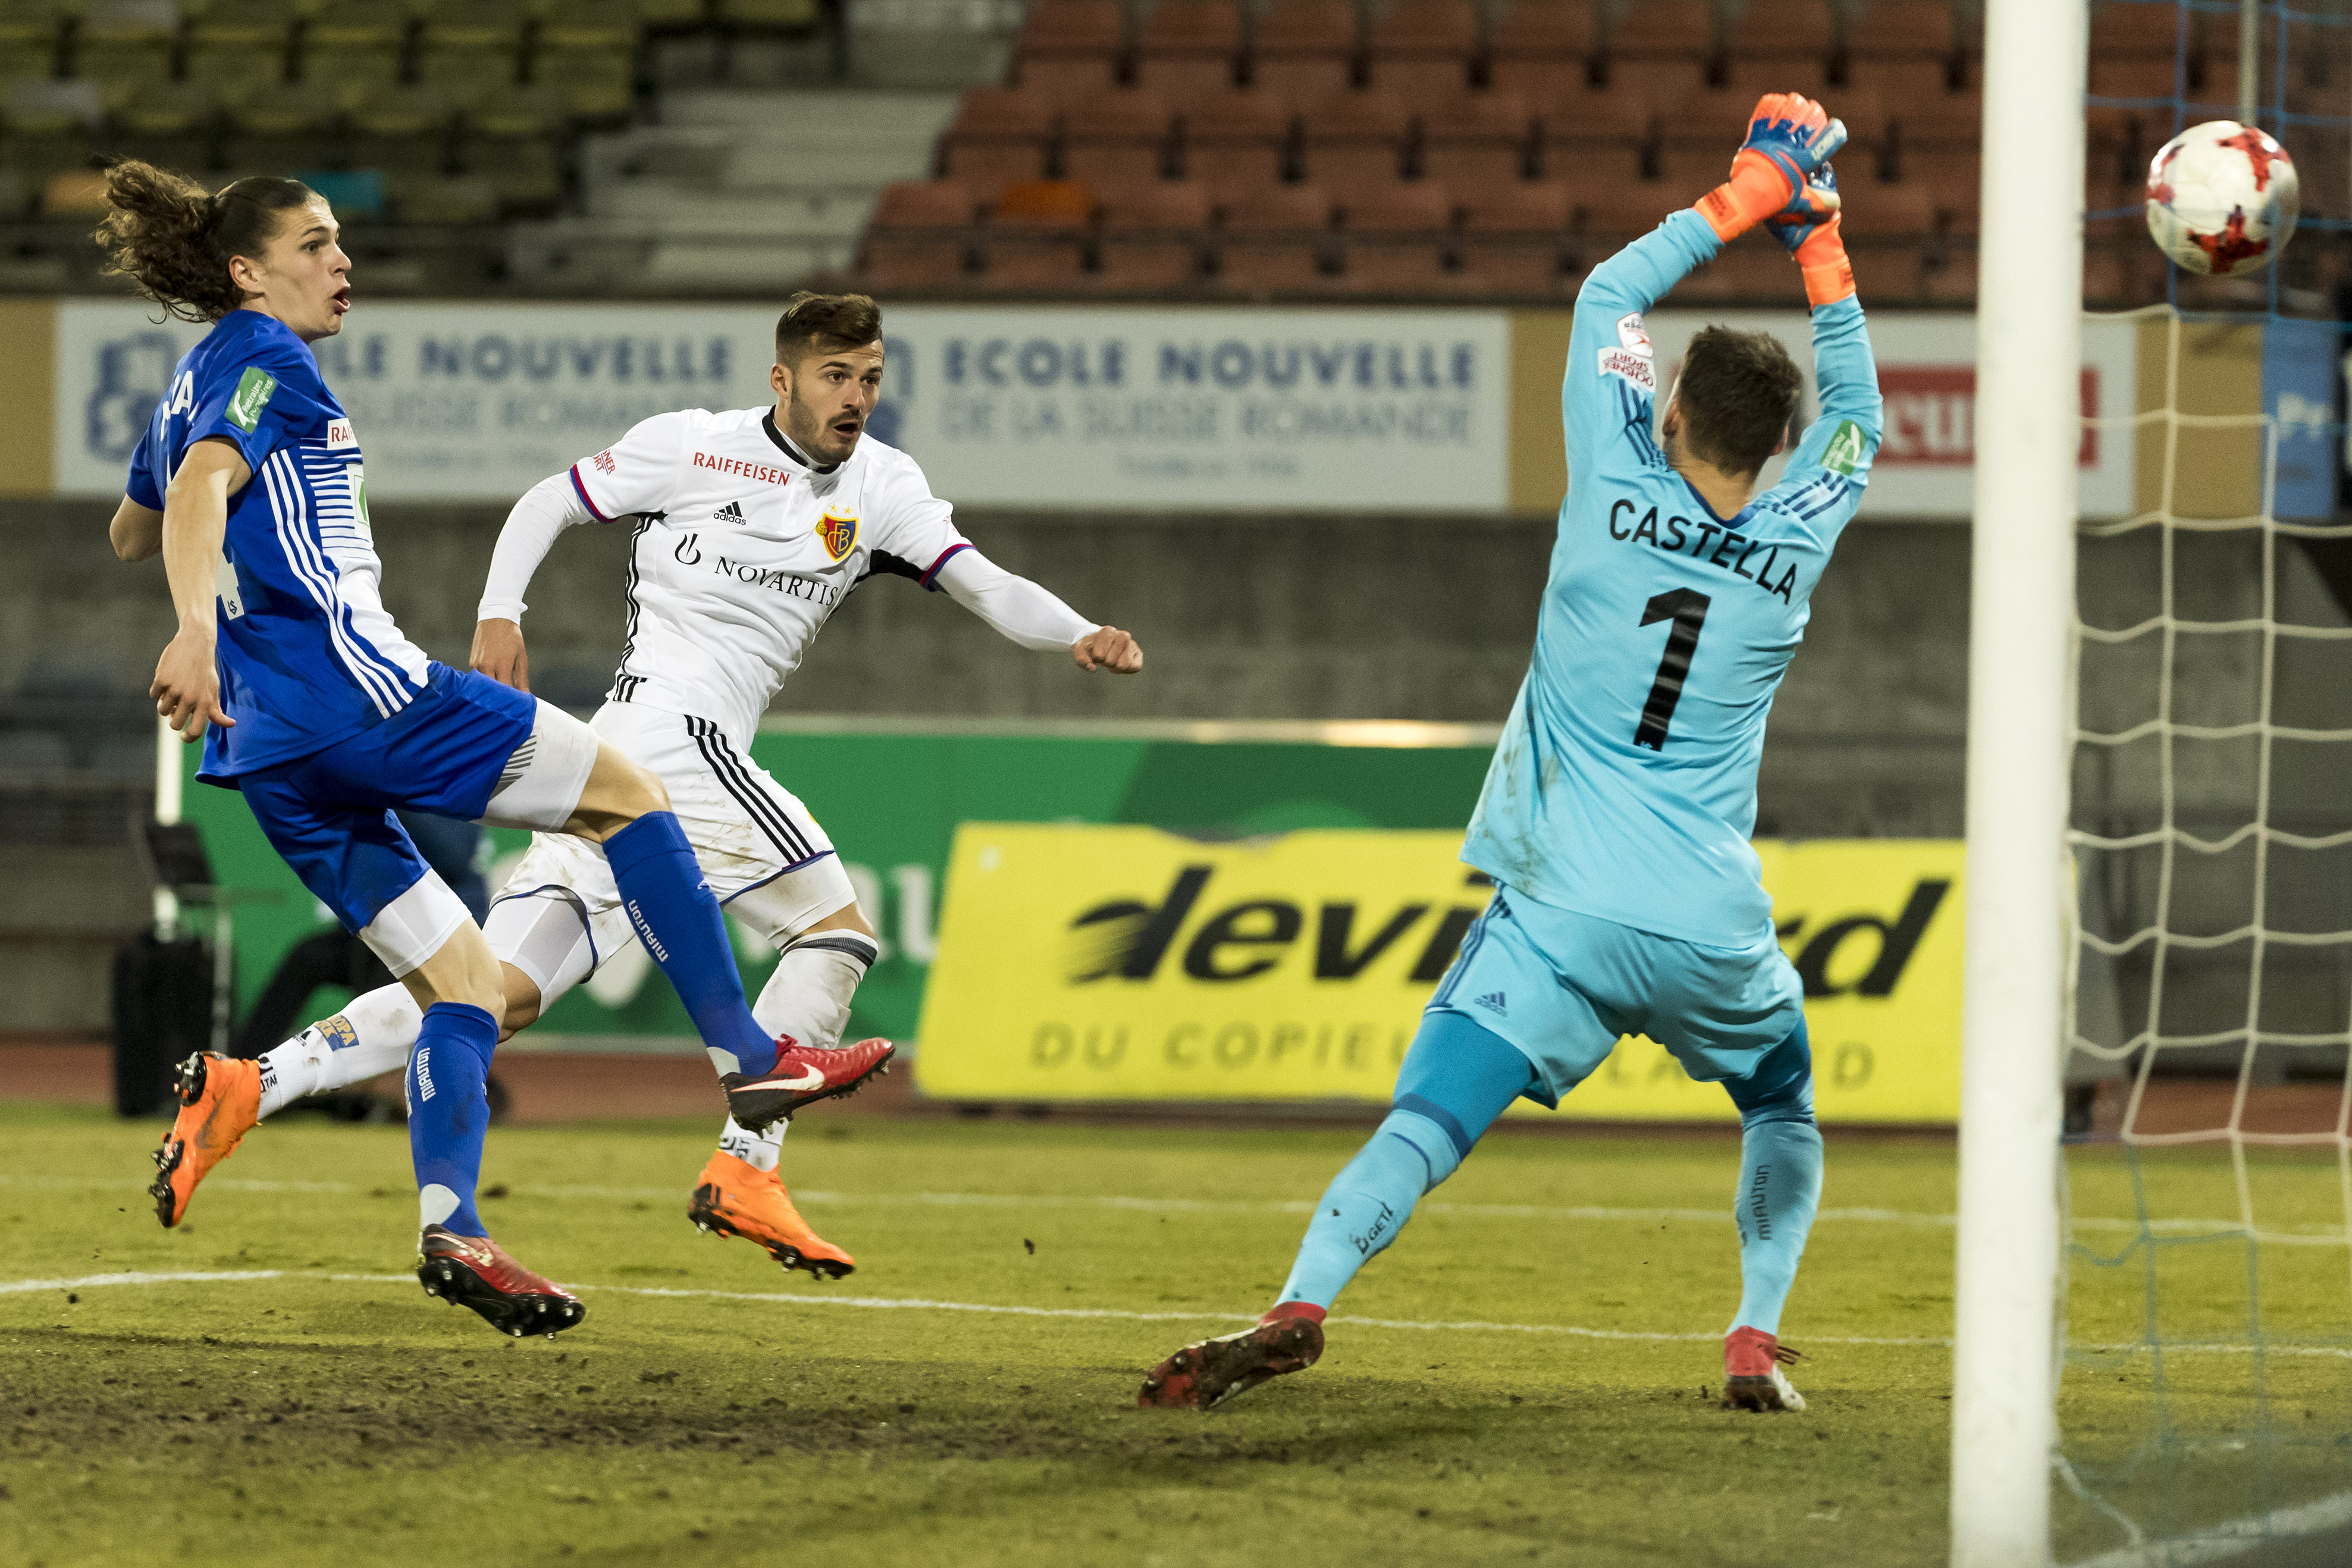 14.03.2018; Lausanne; Fussball Super League - FC Lausanne-Sport - FC Basel;Noah Loosli (L) und Torhueter Thomas Castella (La